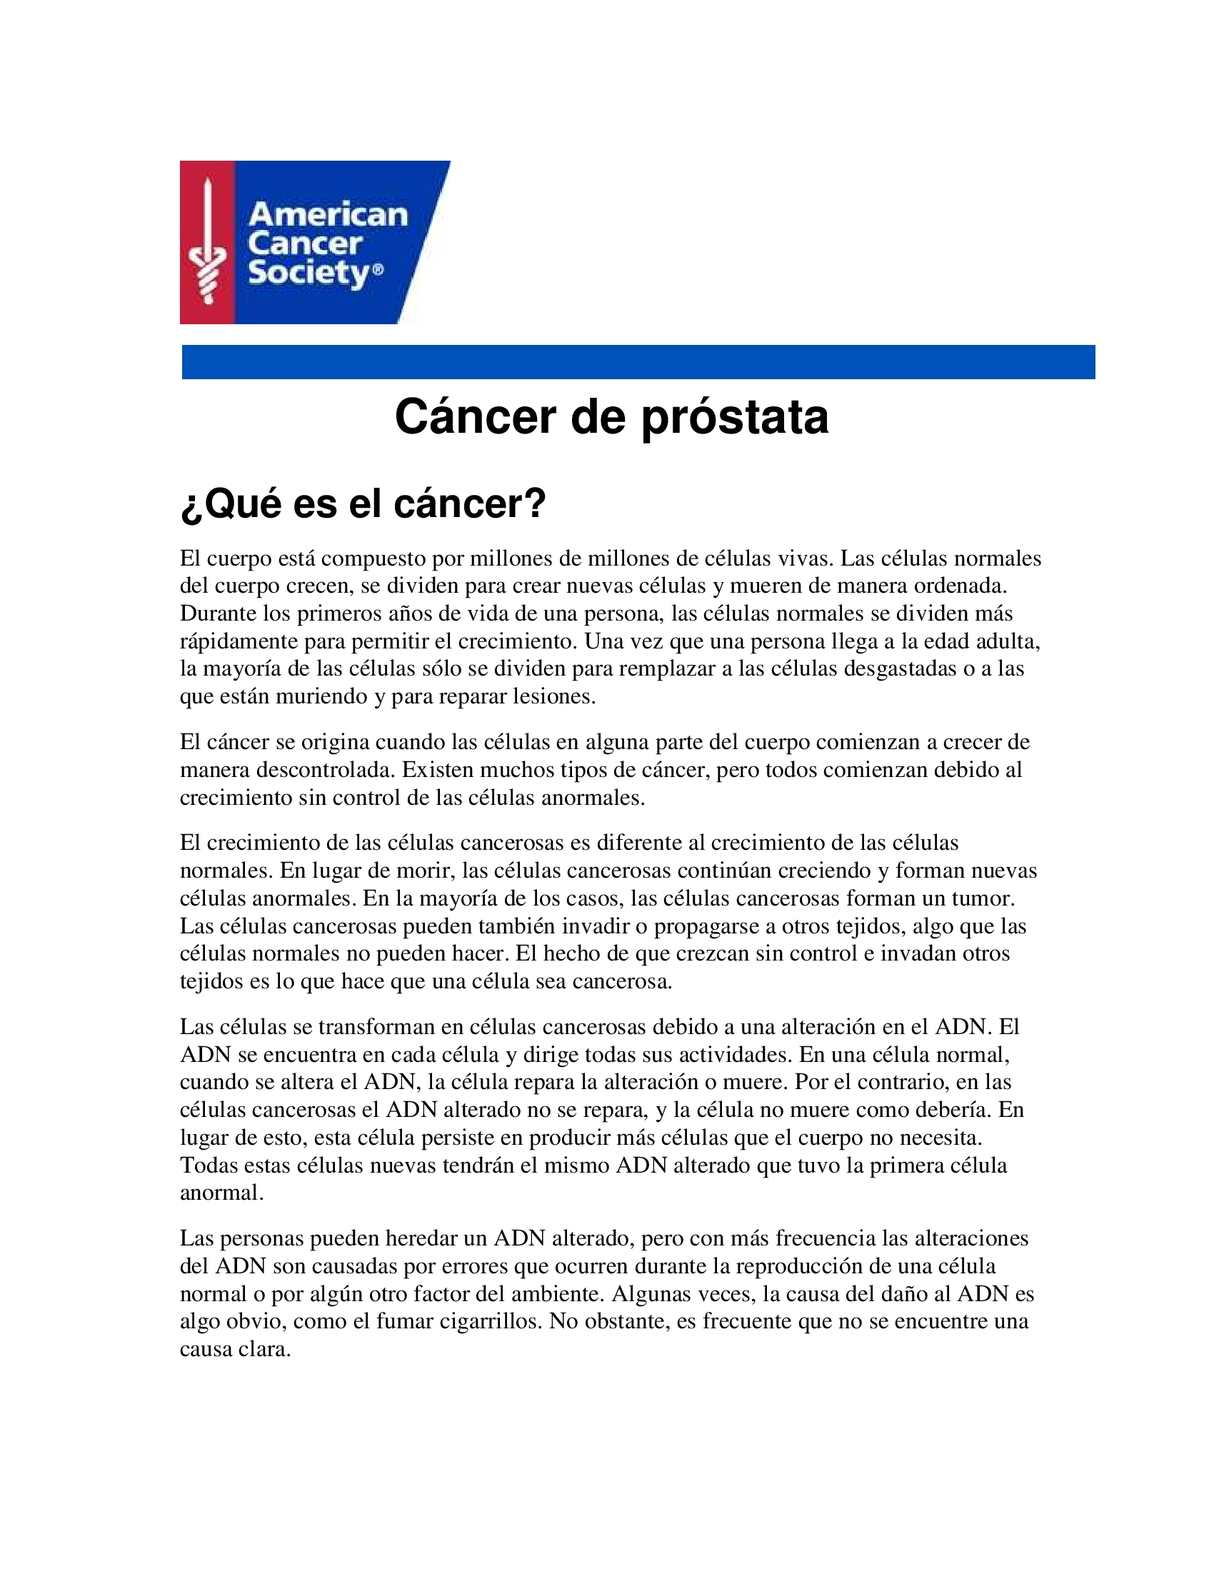 miglior trattamento per il carcinoma prostatico gleason 7